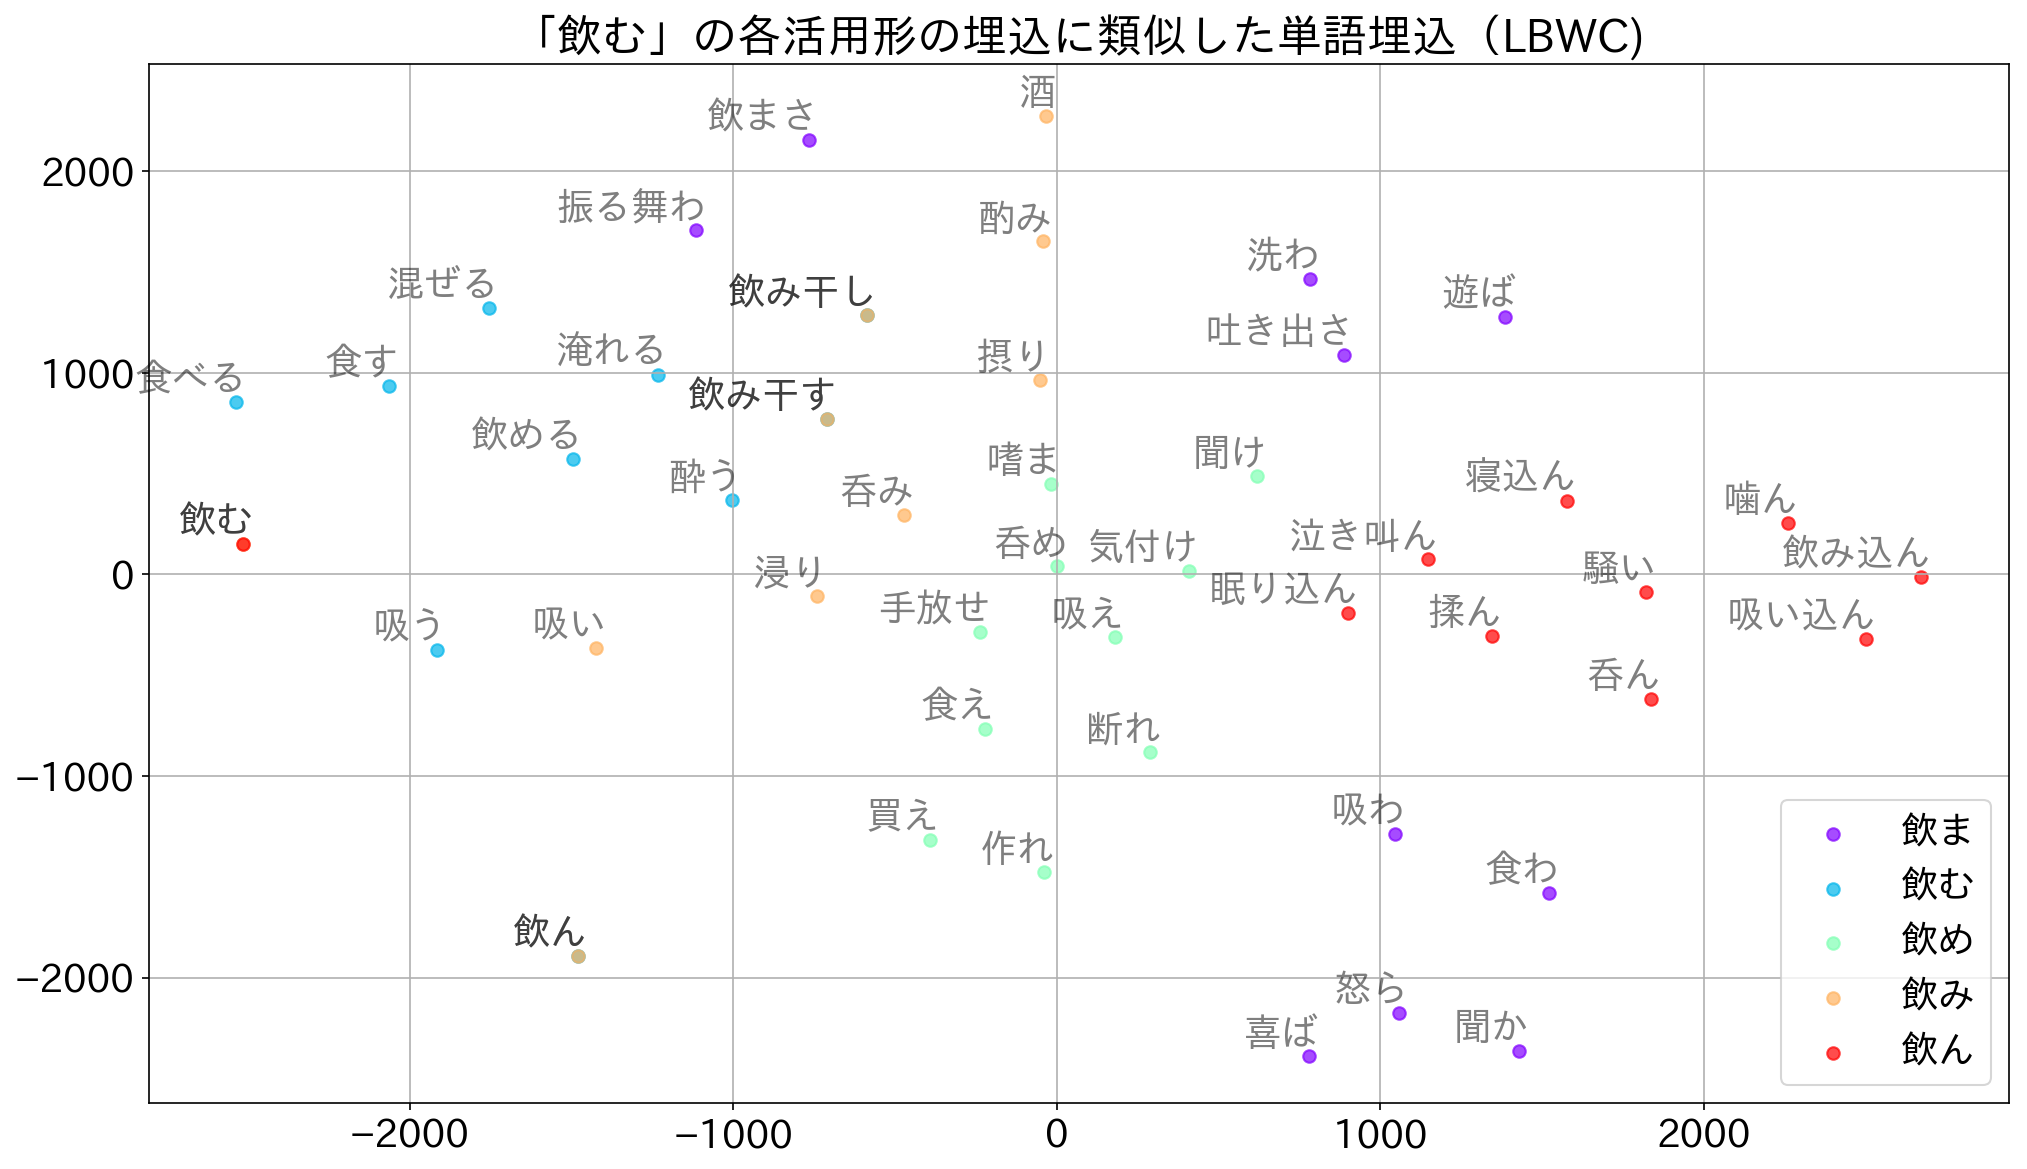 nomu_vec.png (229.4 kB)